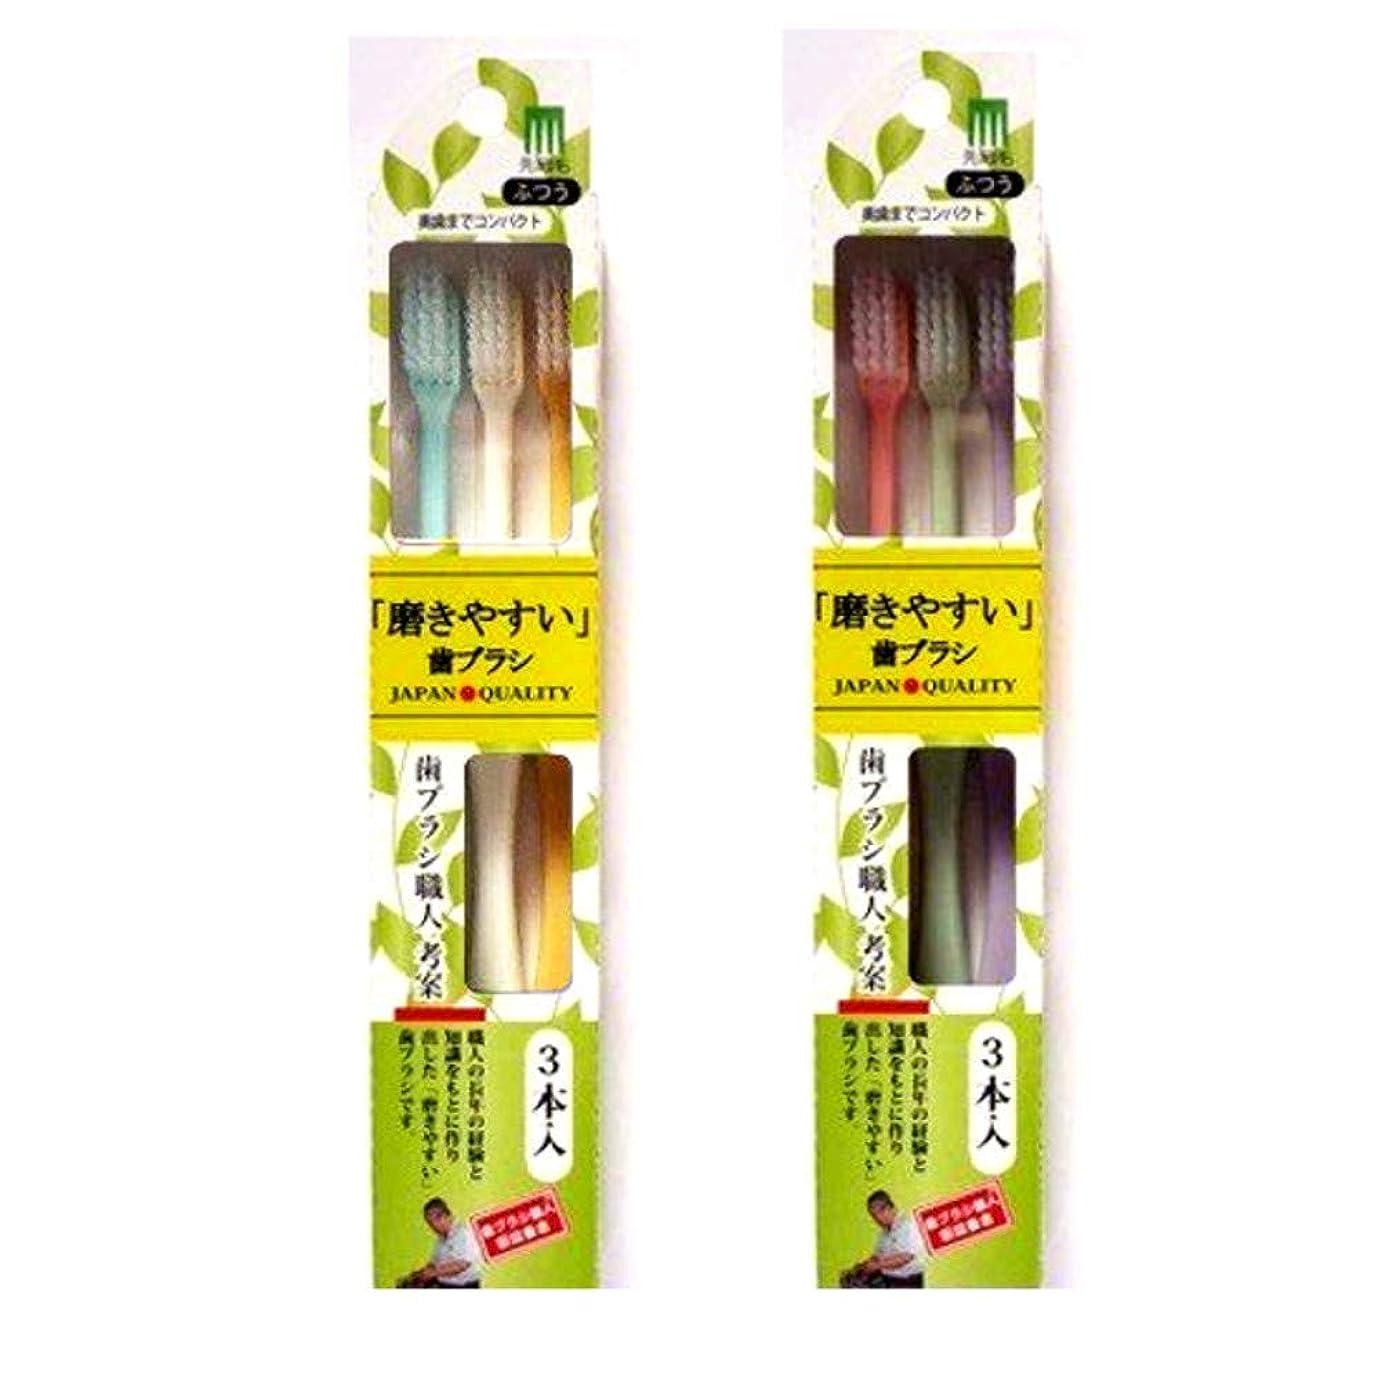 隠す選出する許さない磨きやすい歯ブラシ (先細毛) 奥までコンパクト3本組 ELT-1 (色選択不可)